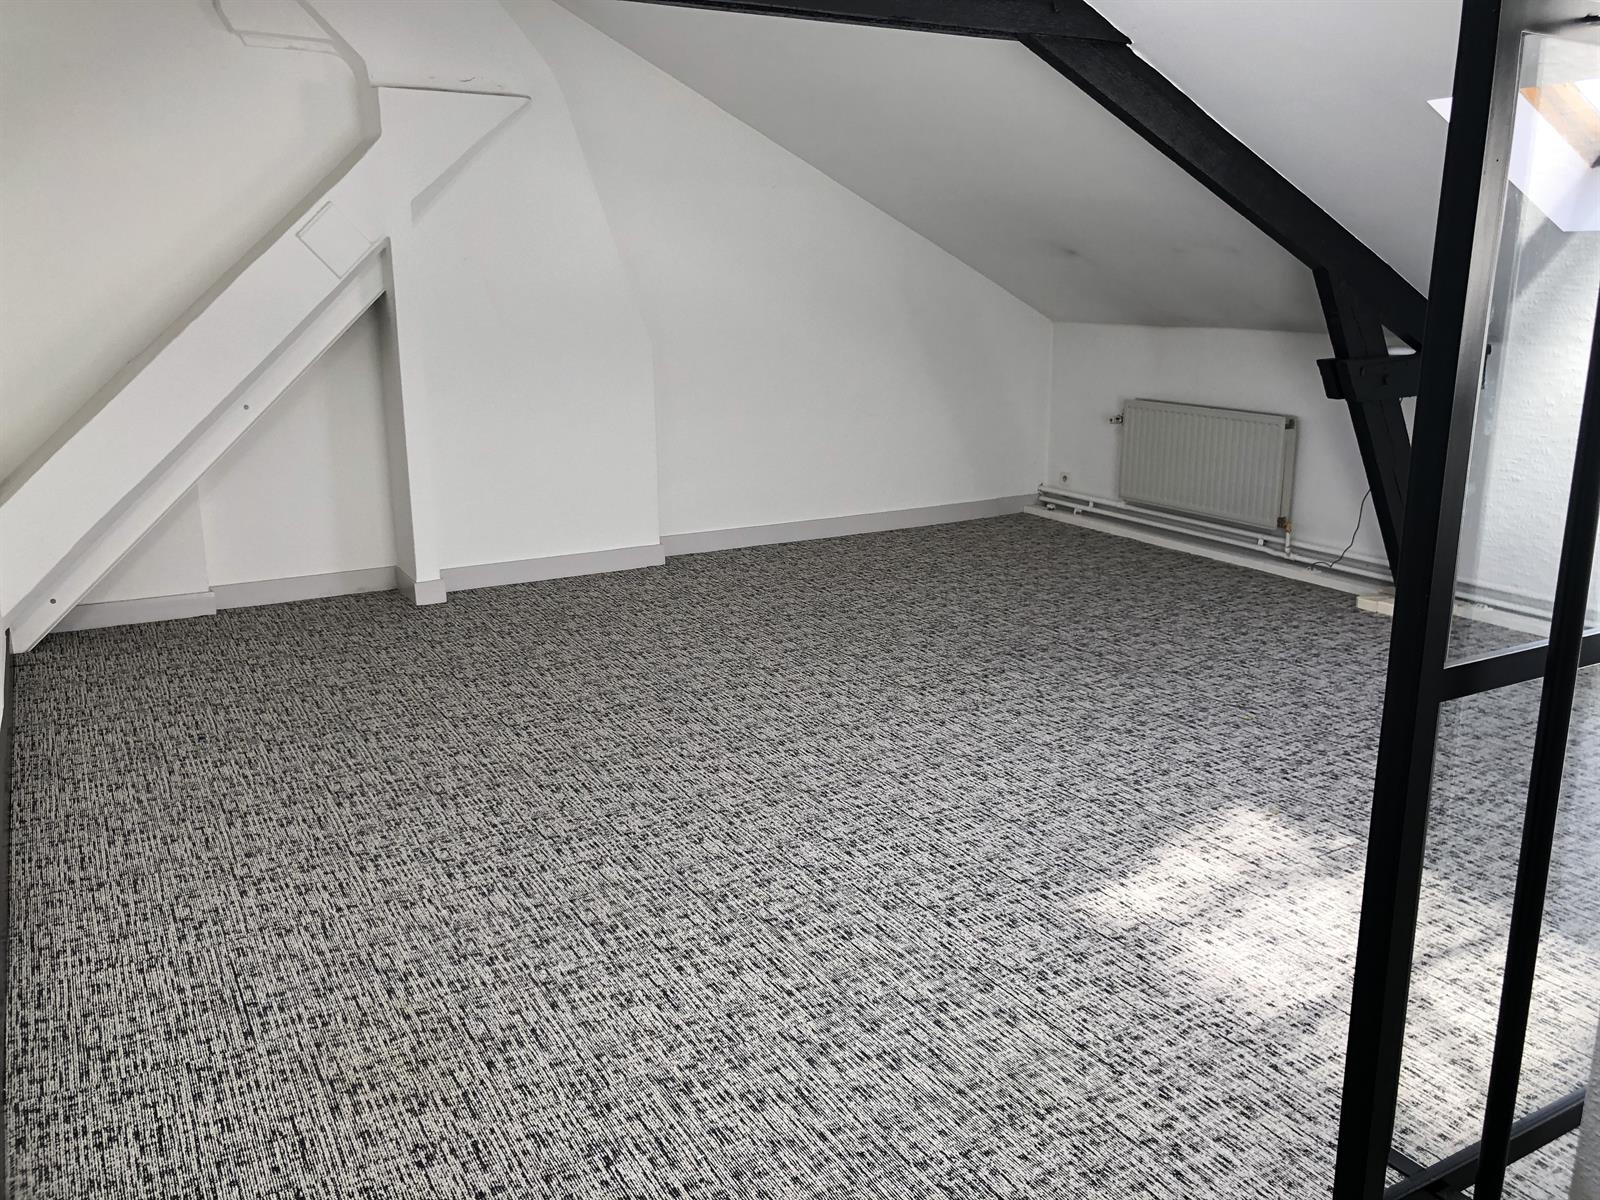 kantoor te huur Kantoorruimte in kasteel den Brandt - Beukenlaan 12, 2020 Antwerpen, België 8